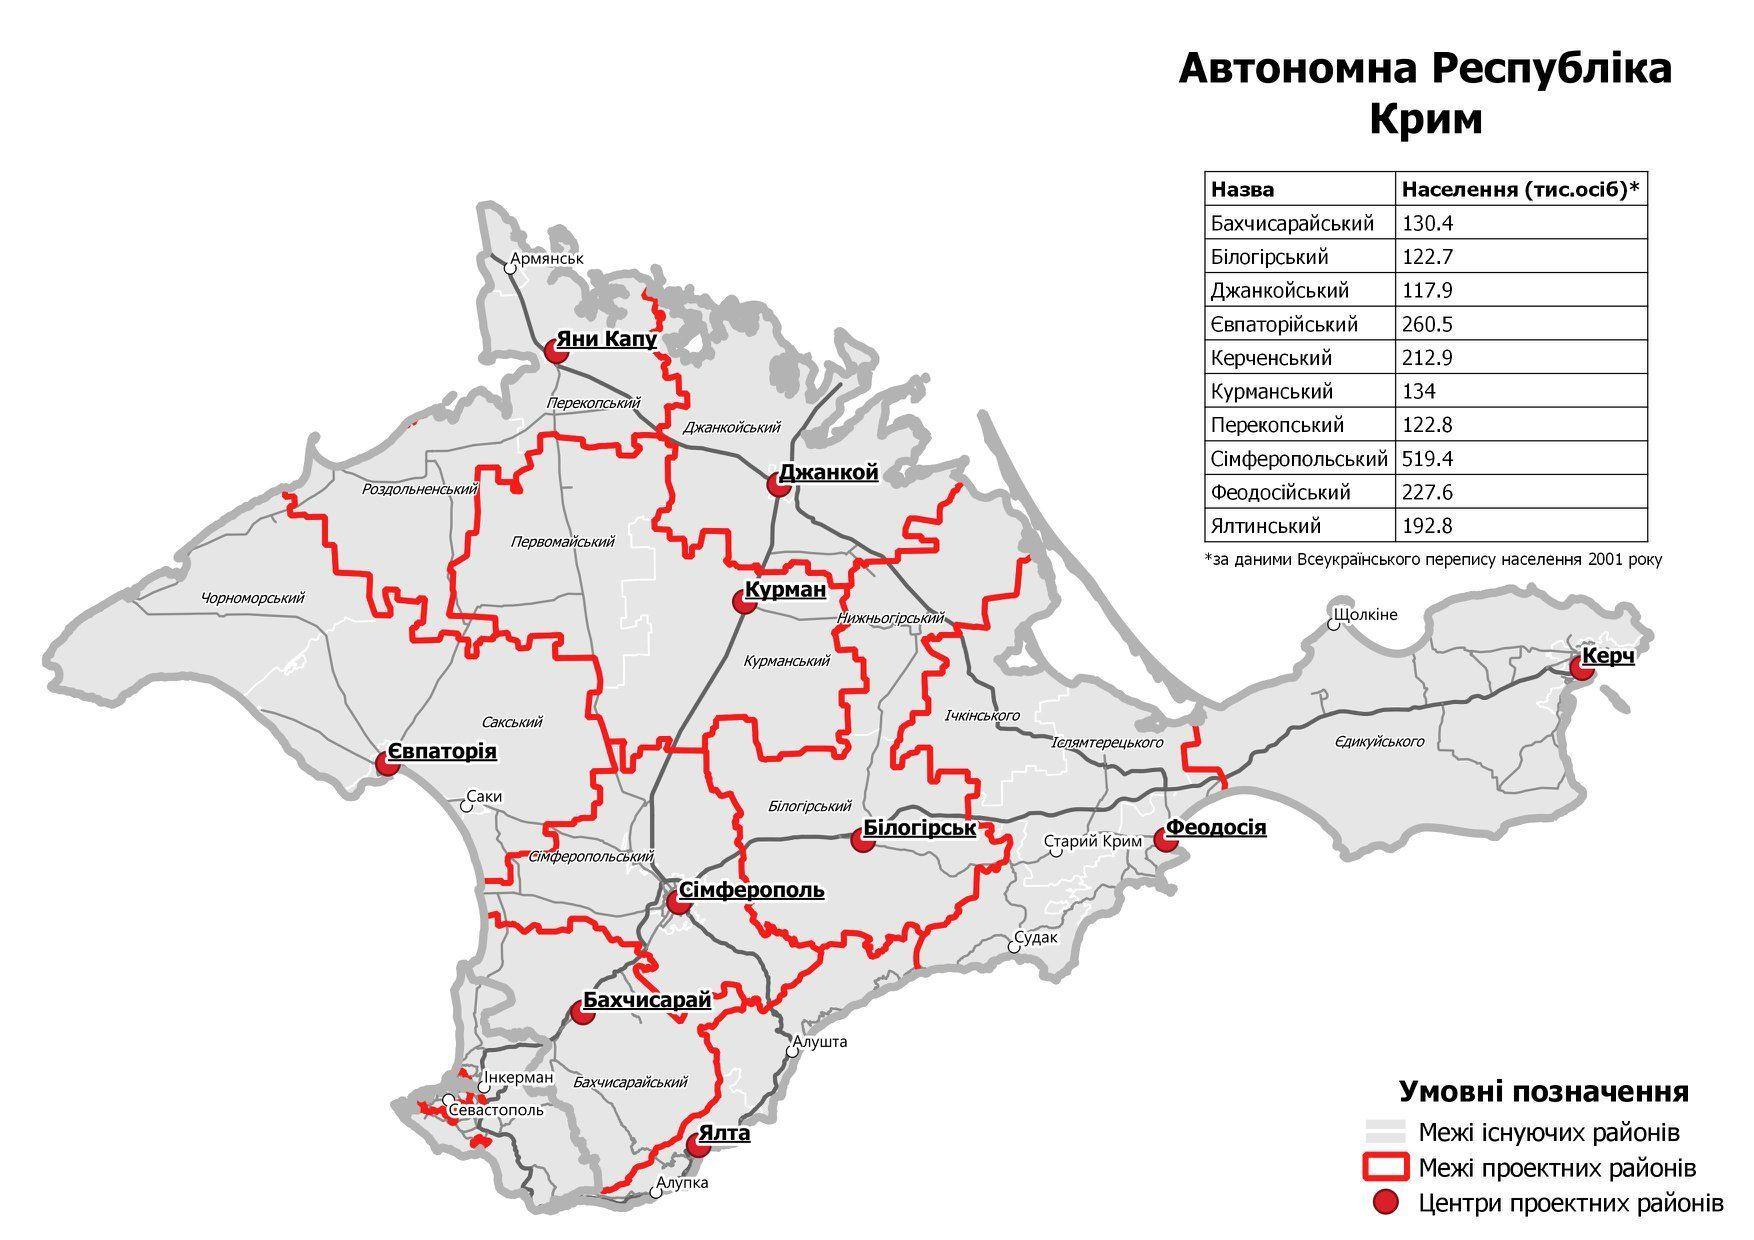 Мапа нових районів_16